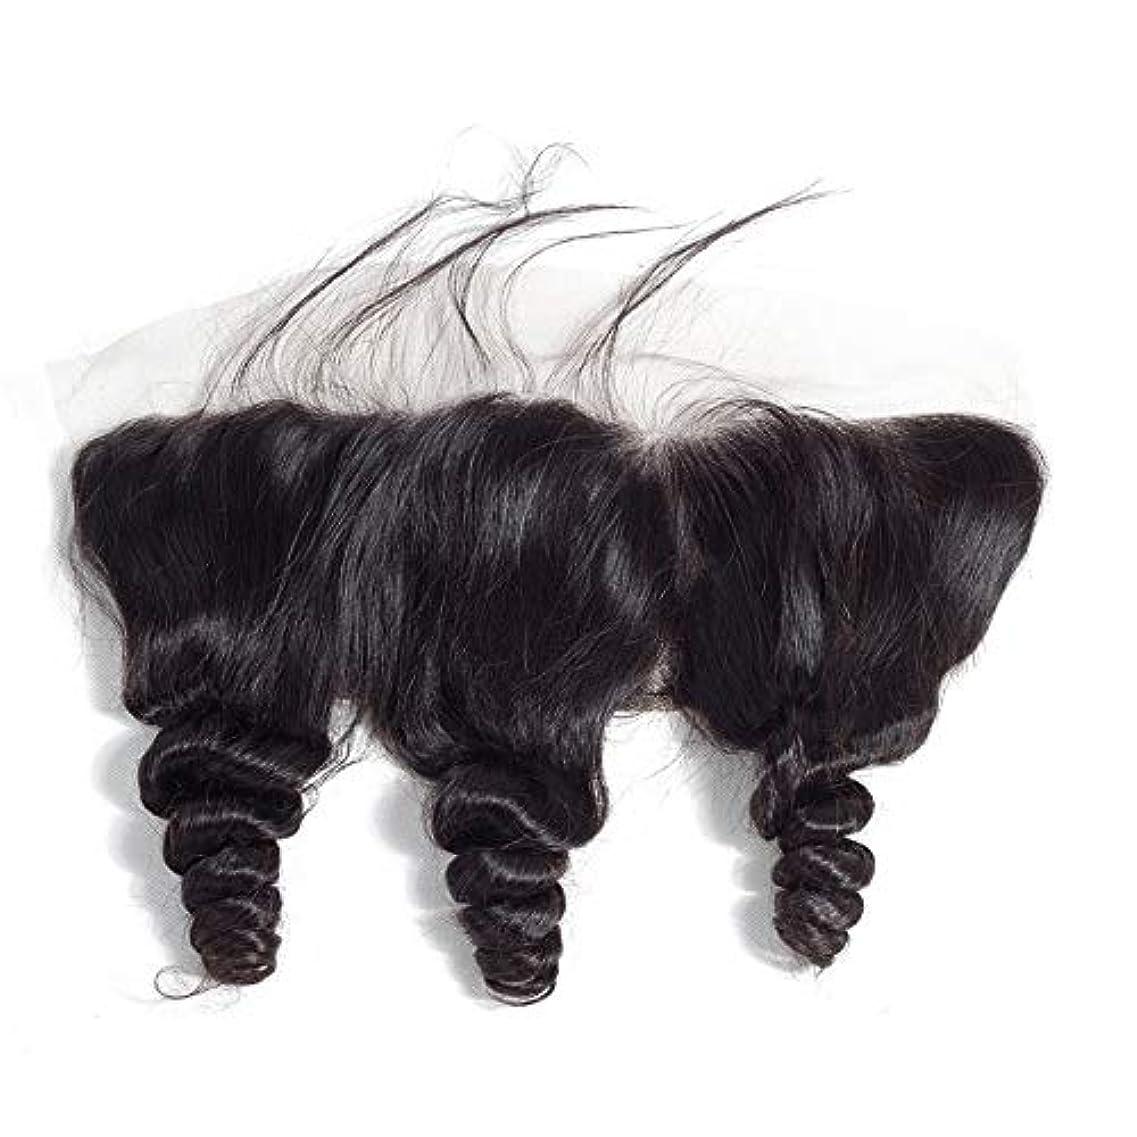 ジェスチャー過半数無声でWASAIO 無料パートレースフロンタル閉鎖ルーズウェーブヘアエクステンションクリップのシームレスな髪型ブラジルのバージン人間13「X4」トップリアルセンブランス (色 : 黒, サイズ : 18inch)